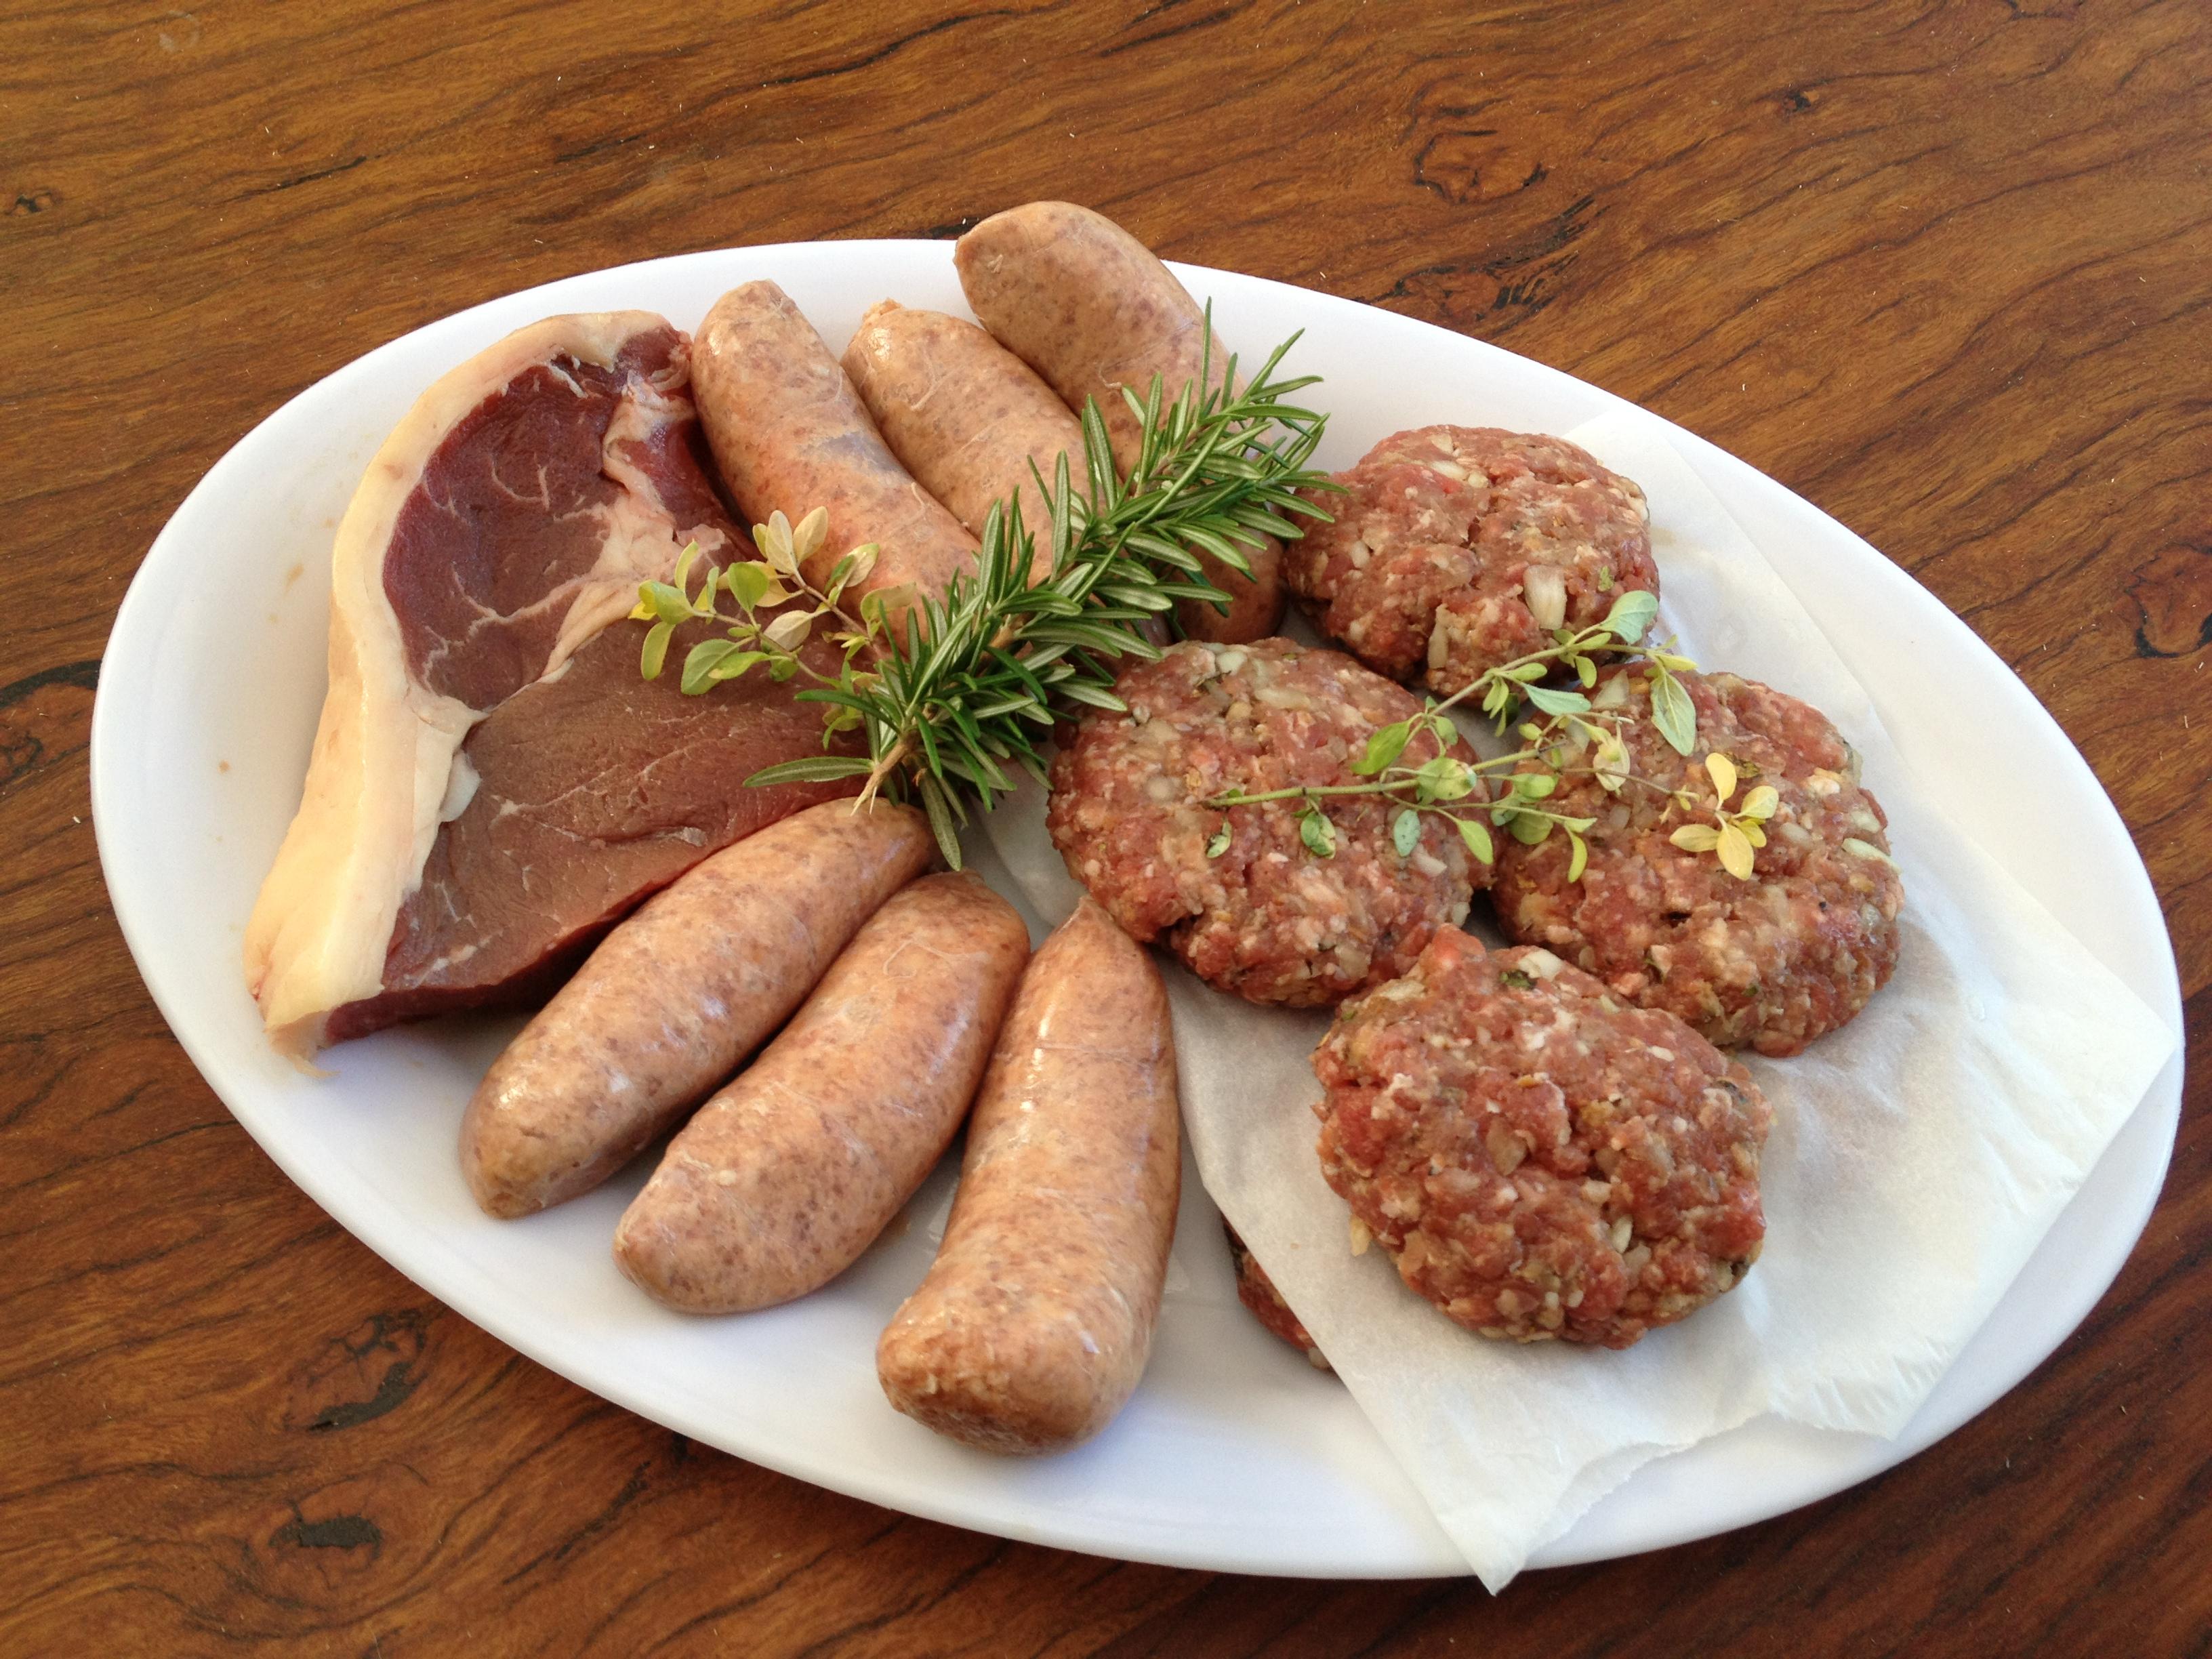 Old Bara Grain fed beef at Old bara Homestead Mudgee